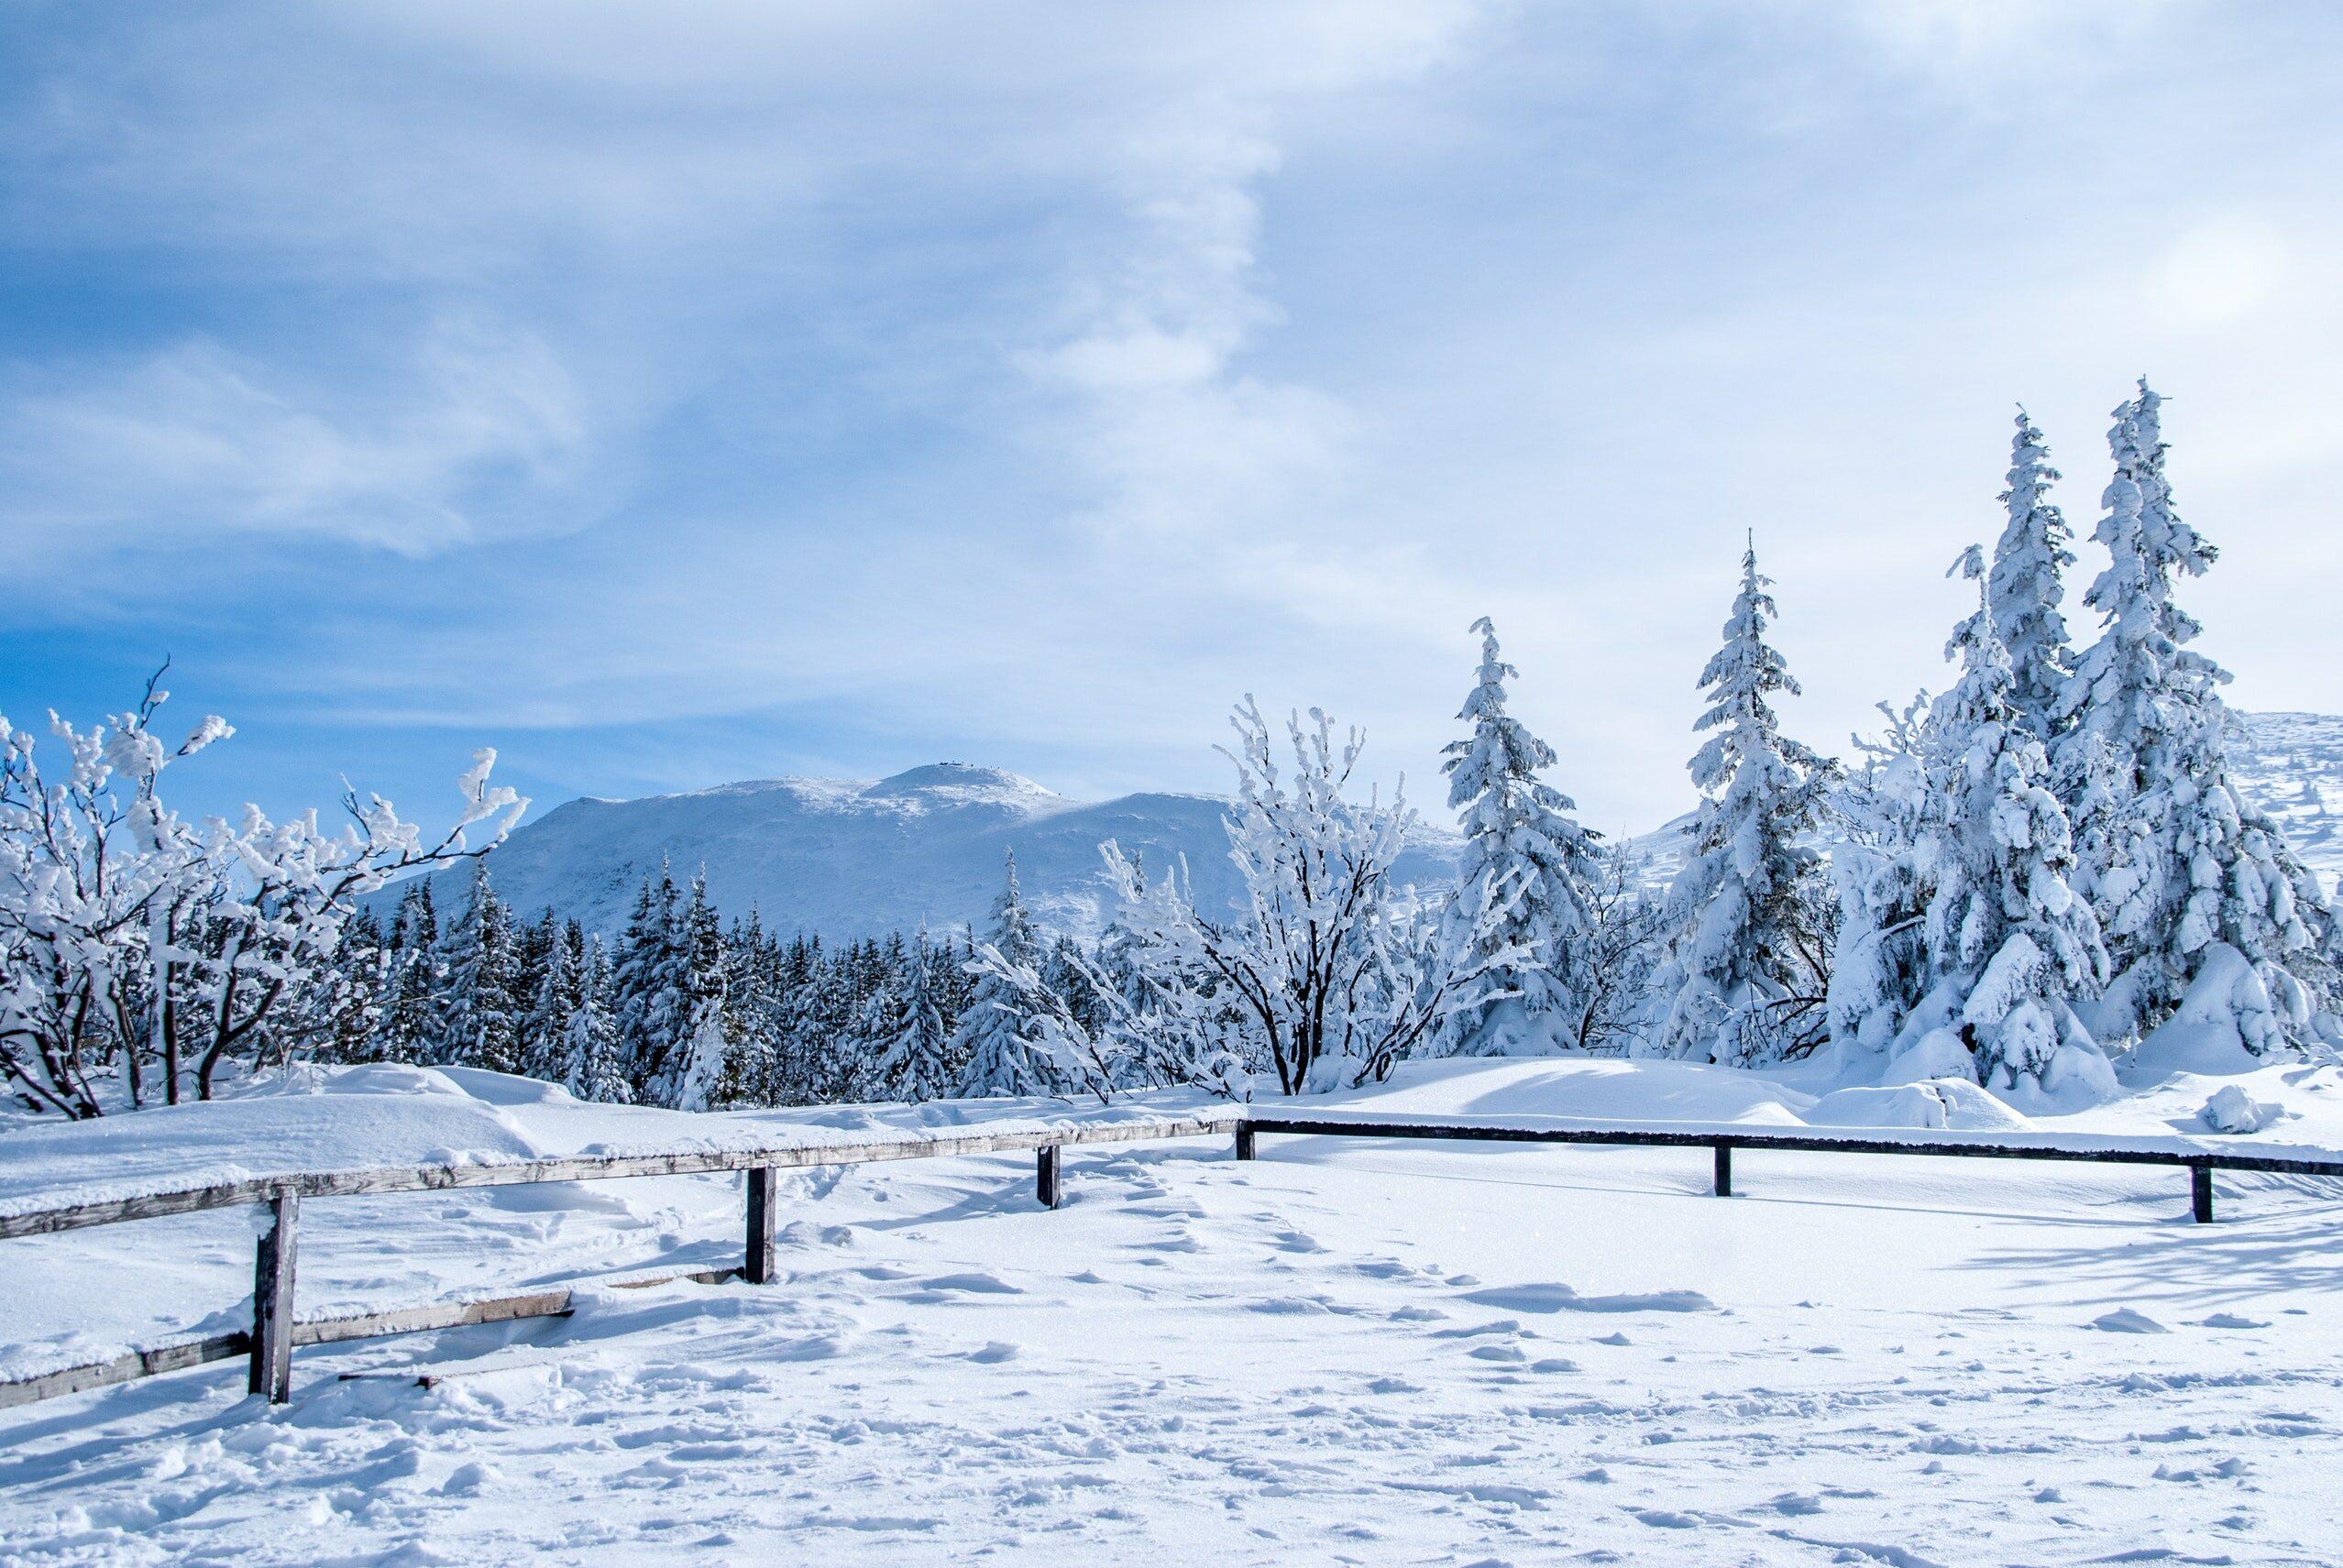 Śnieg w górach, zdjęcie ilustracyjne